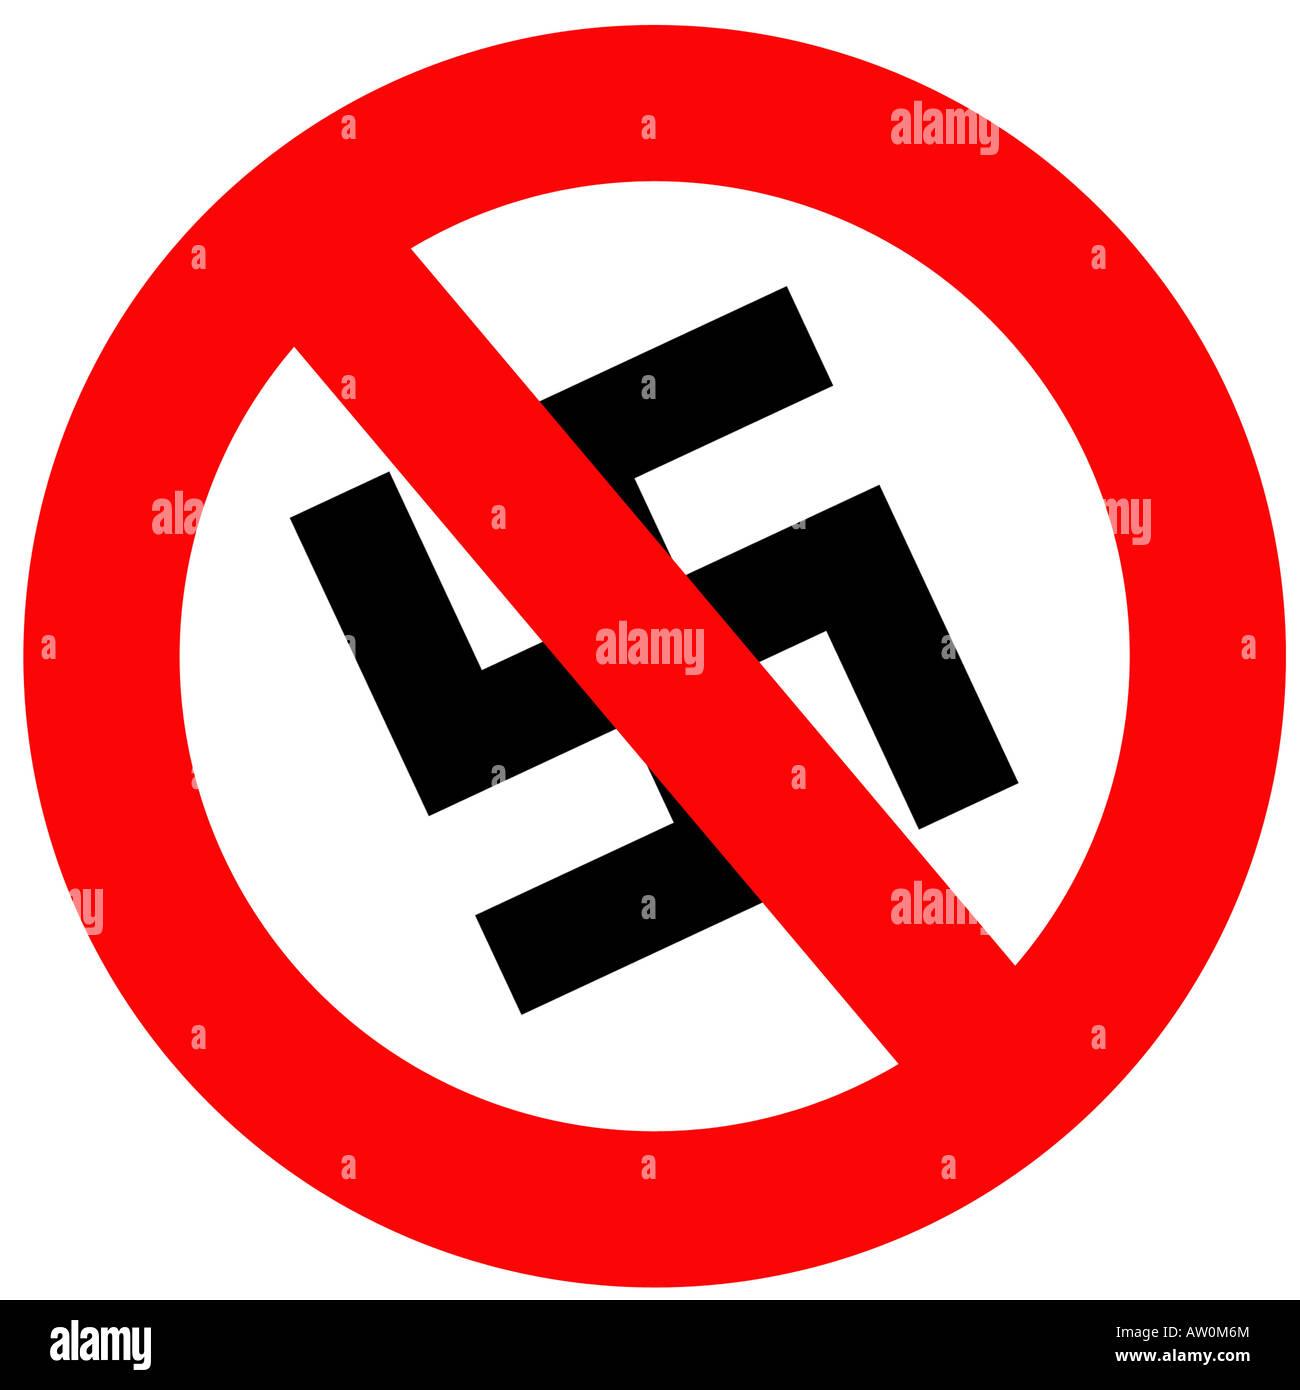 Anti nazi sign stock photo 16426891 alamy anti nazi sign biocorpaavc Gallery